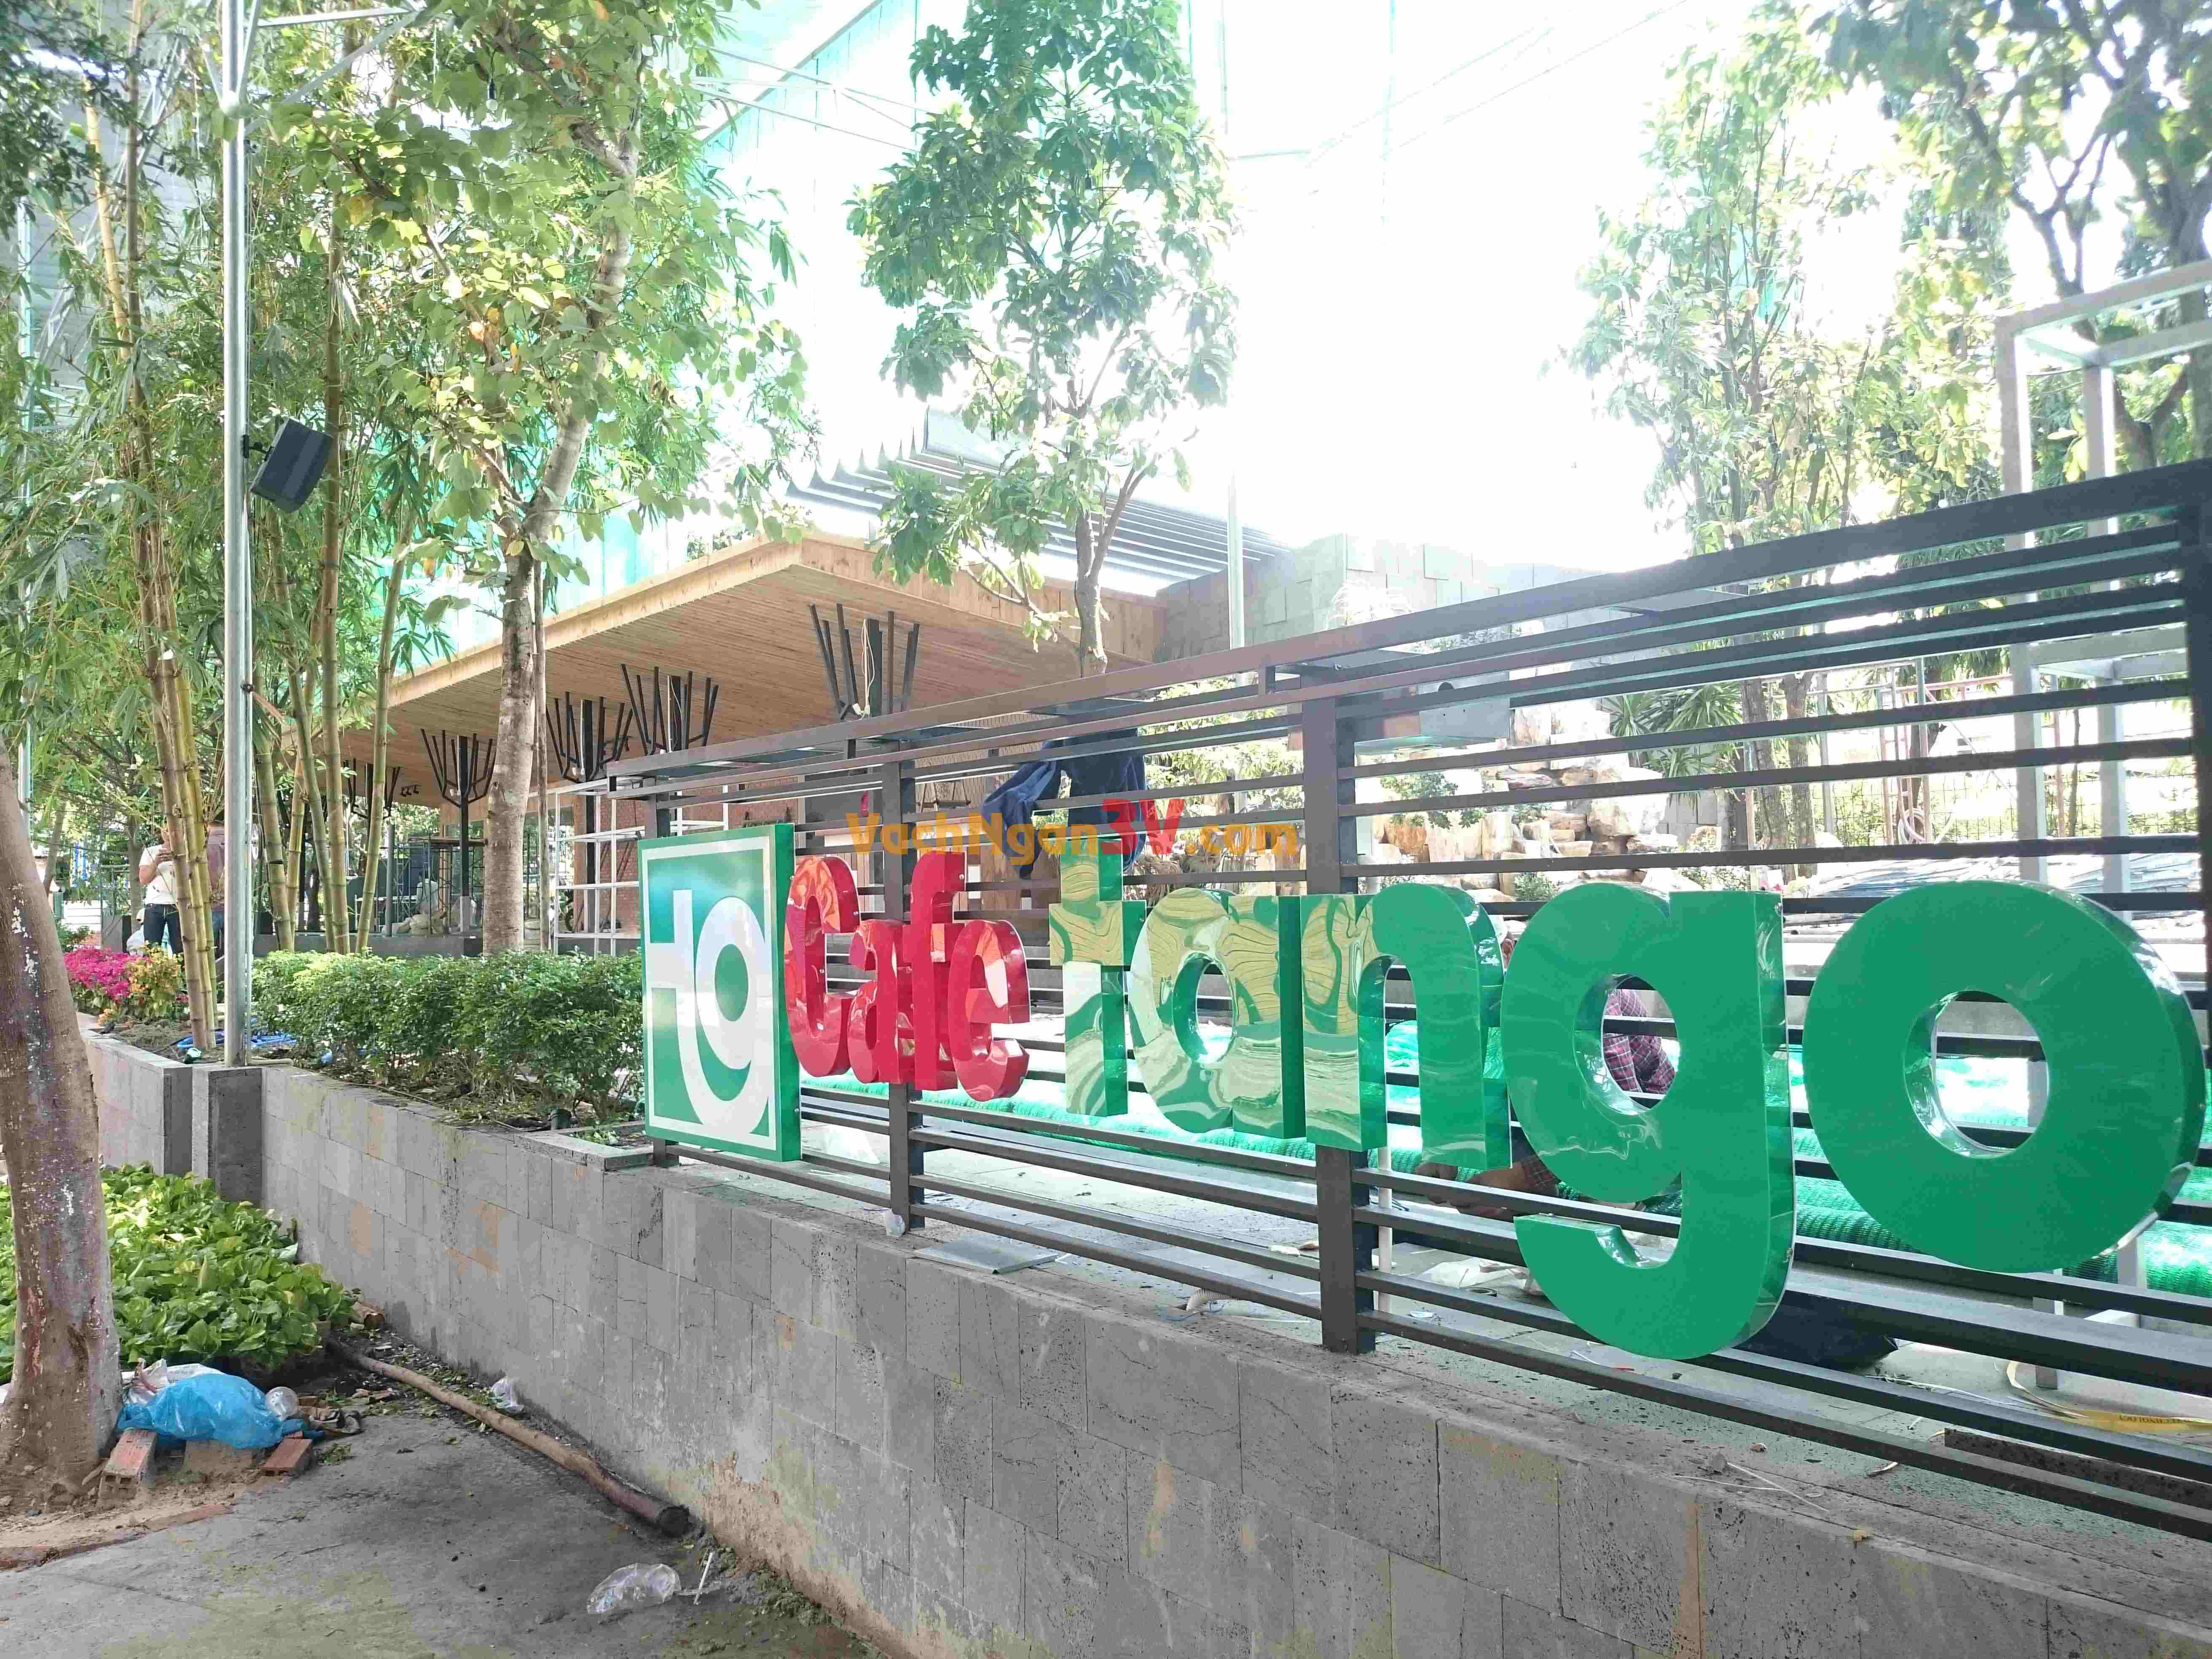 Quán cafe Tango – Quán cafe đẹp tại Tân Phú